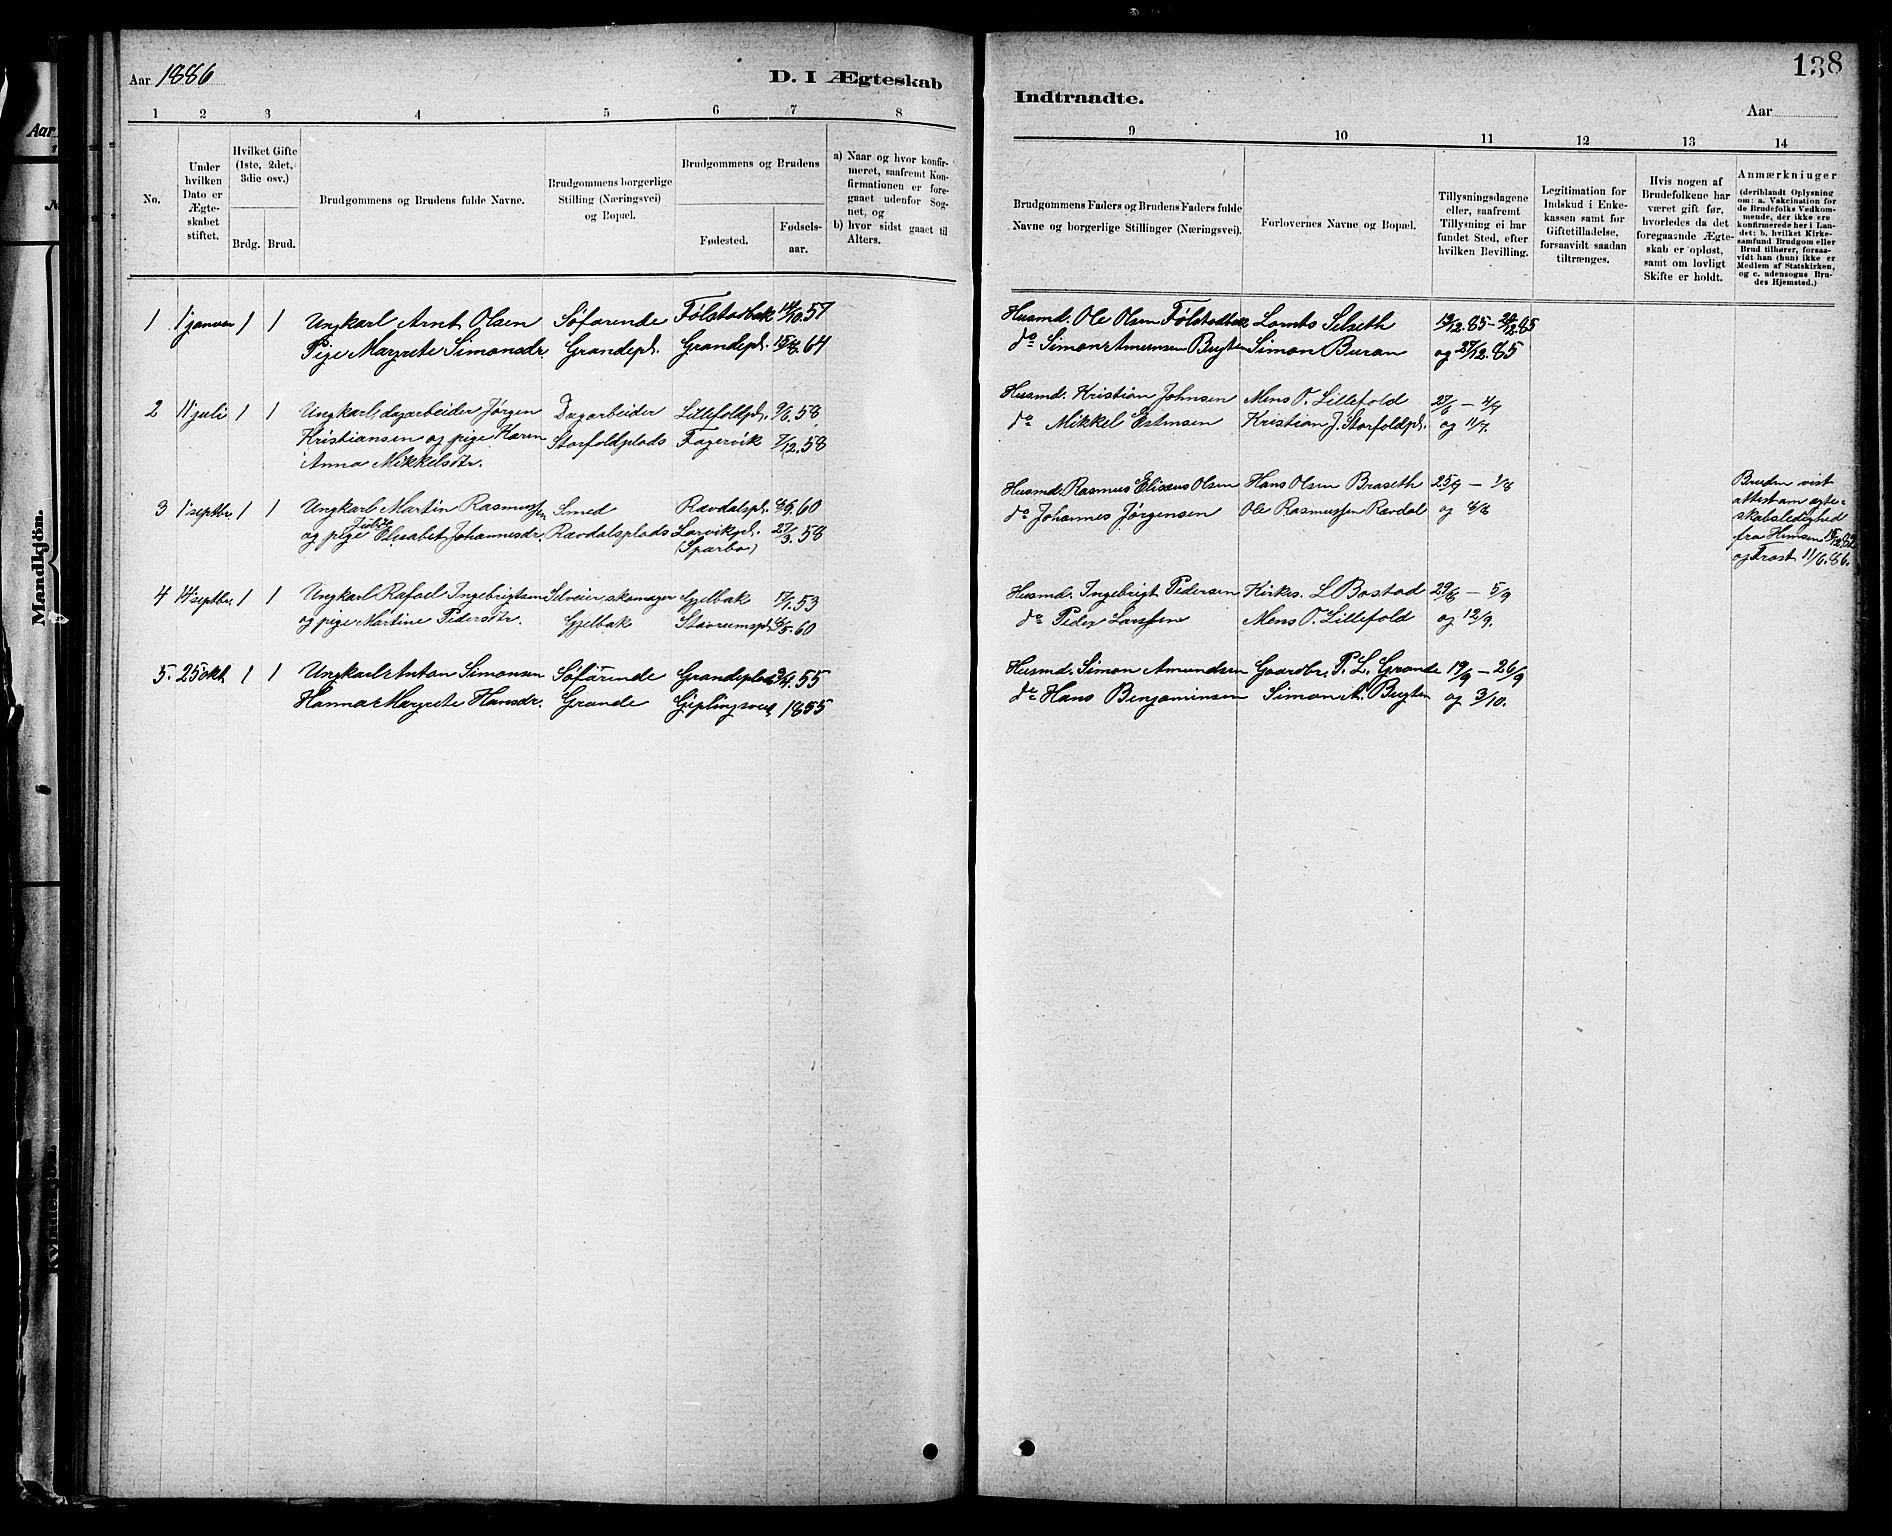 SAT, Ministerialprotokoller, klokkerbøker og fødselsregistre - Nord-Trøndelag, 744/L0423: Klokkerbok nr. 744C02, 1886-1905, s. 138